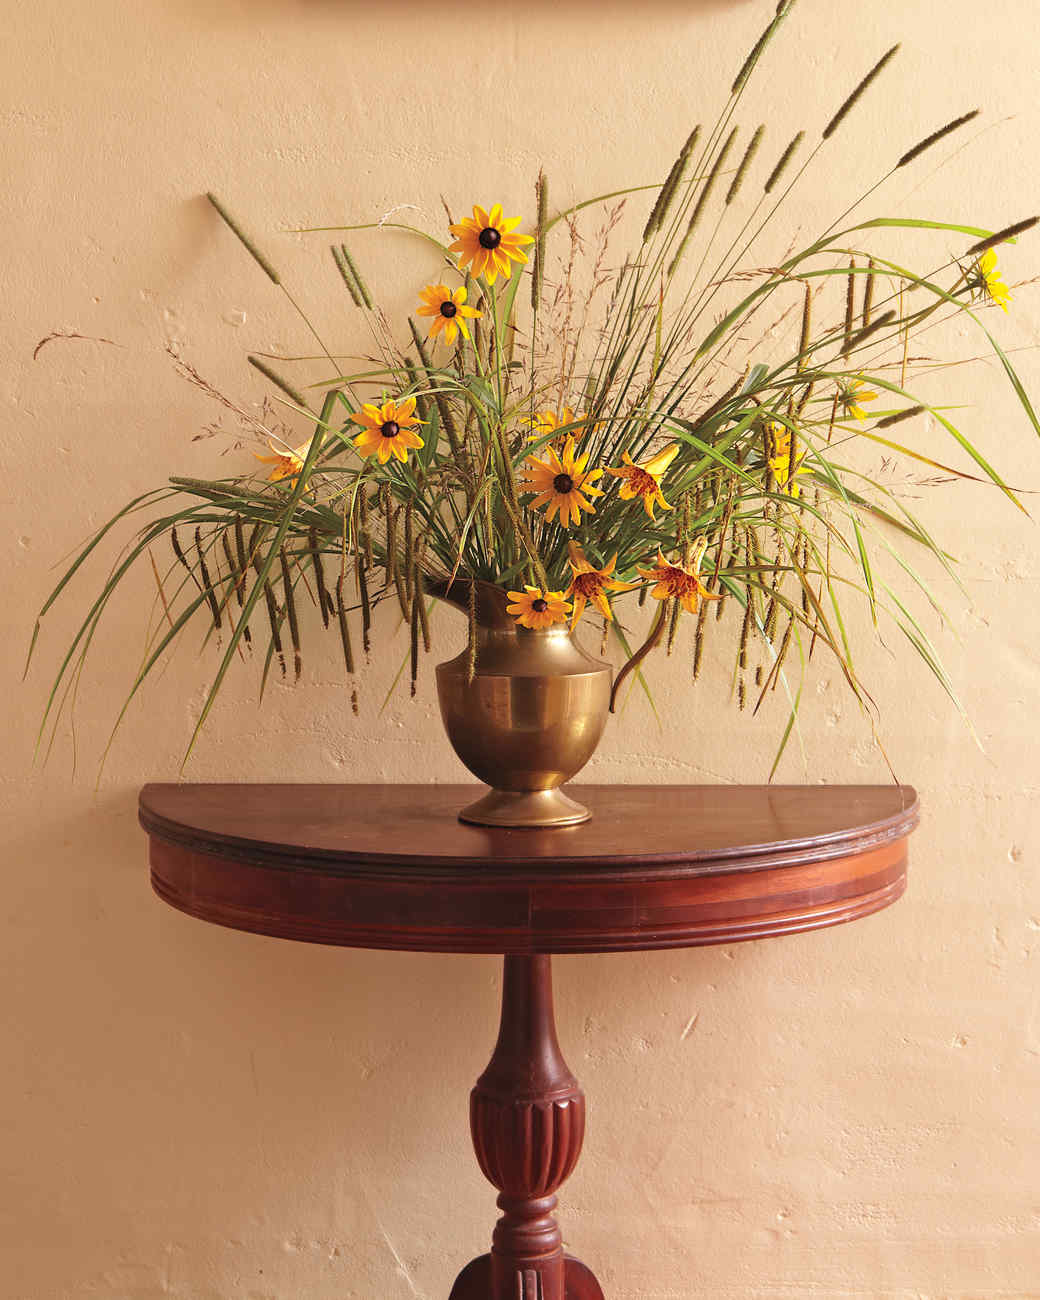 nh-wildflower-arrangement-011-d110446.jpg